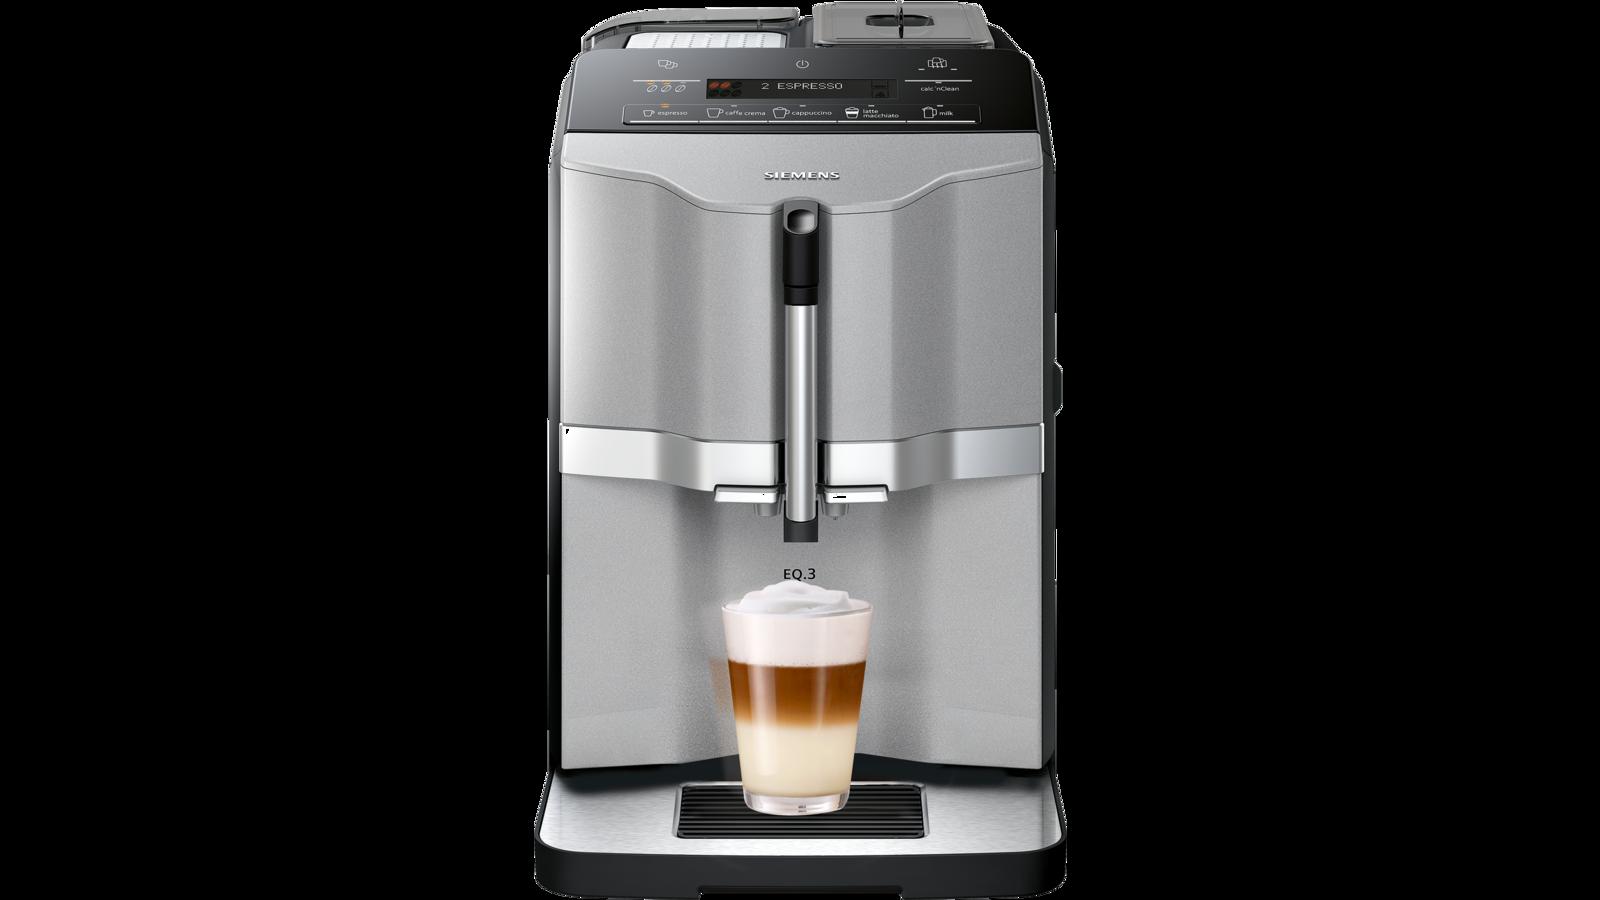 Fully automatic coffee machine EQ.3 s300 grå TI303203RW